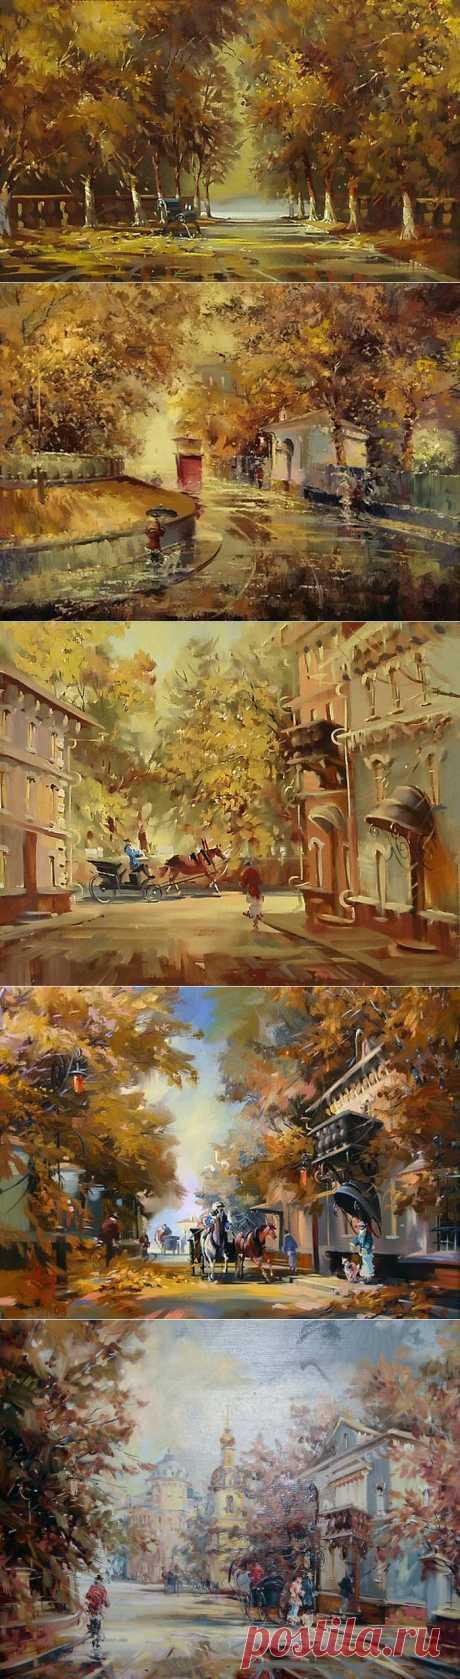 Осенние прогулки с художником Пеньковским в позапрошлую жизнь | МУЗА НАШЕГО ДВОРА